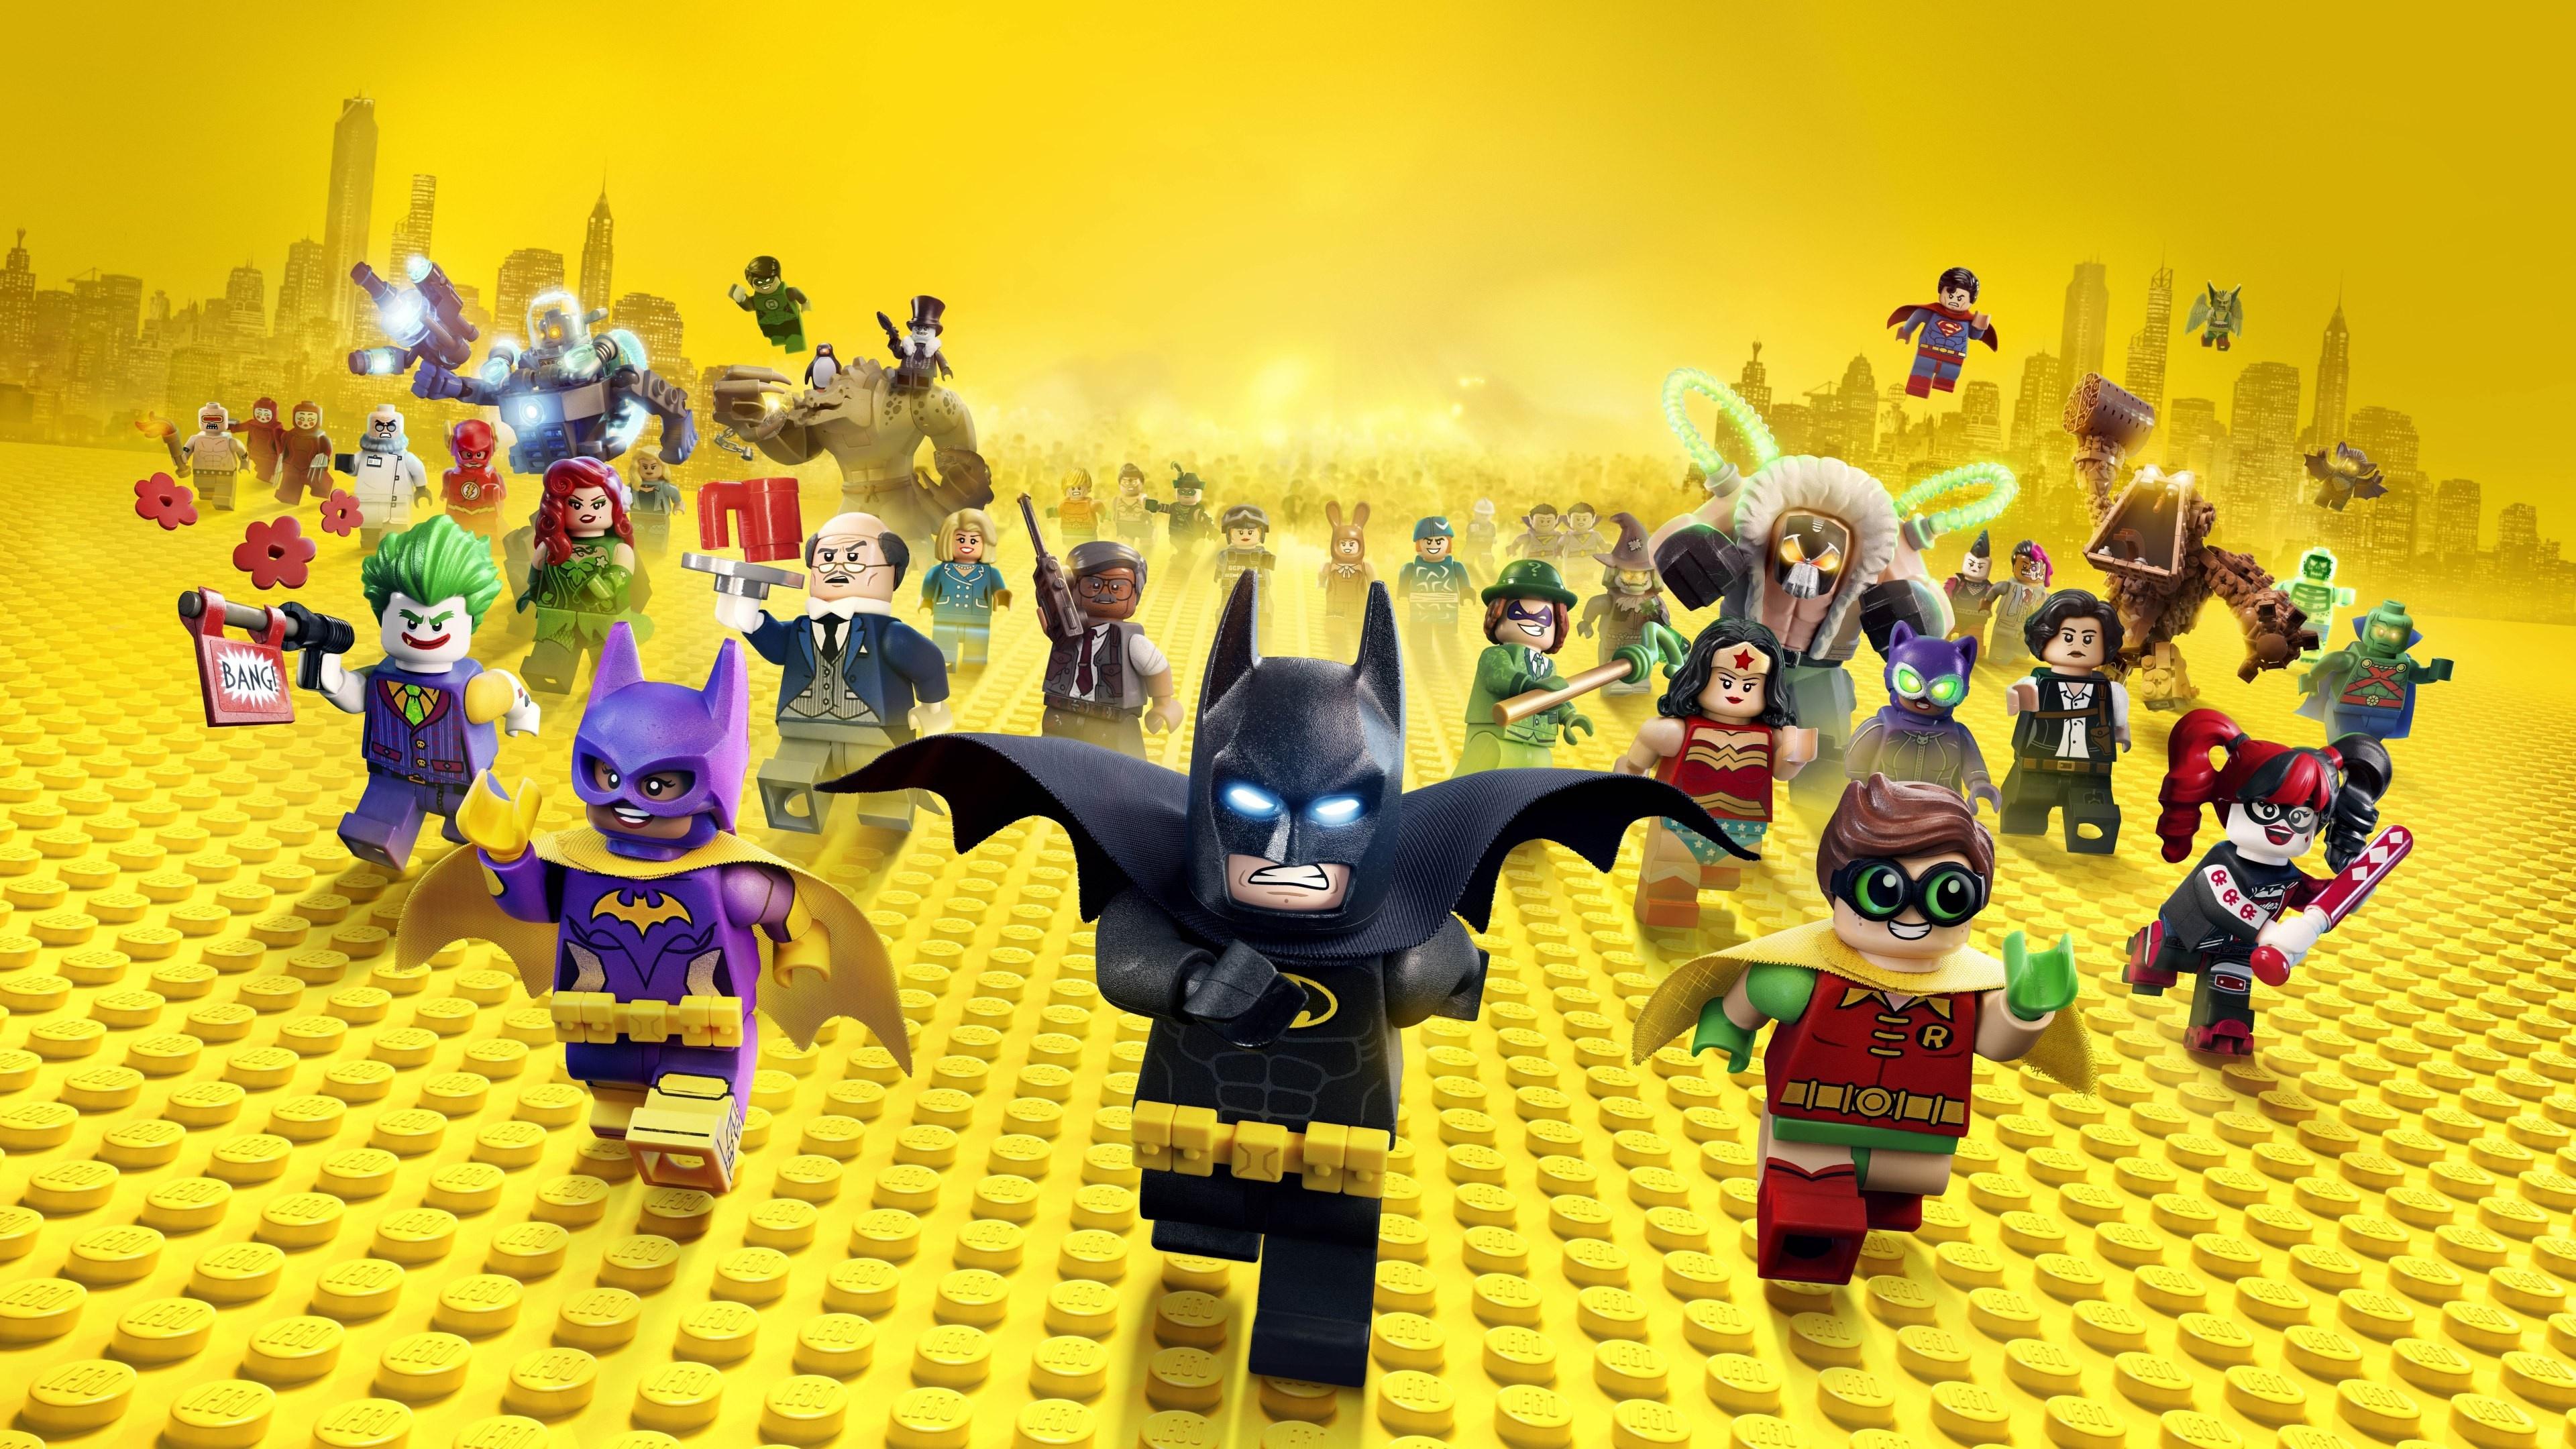 壁紙 ワンダーウーマン バットマン ヒーローズ おもちゃ レゴ